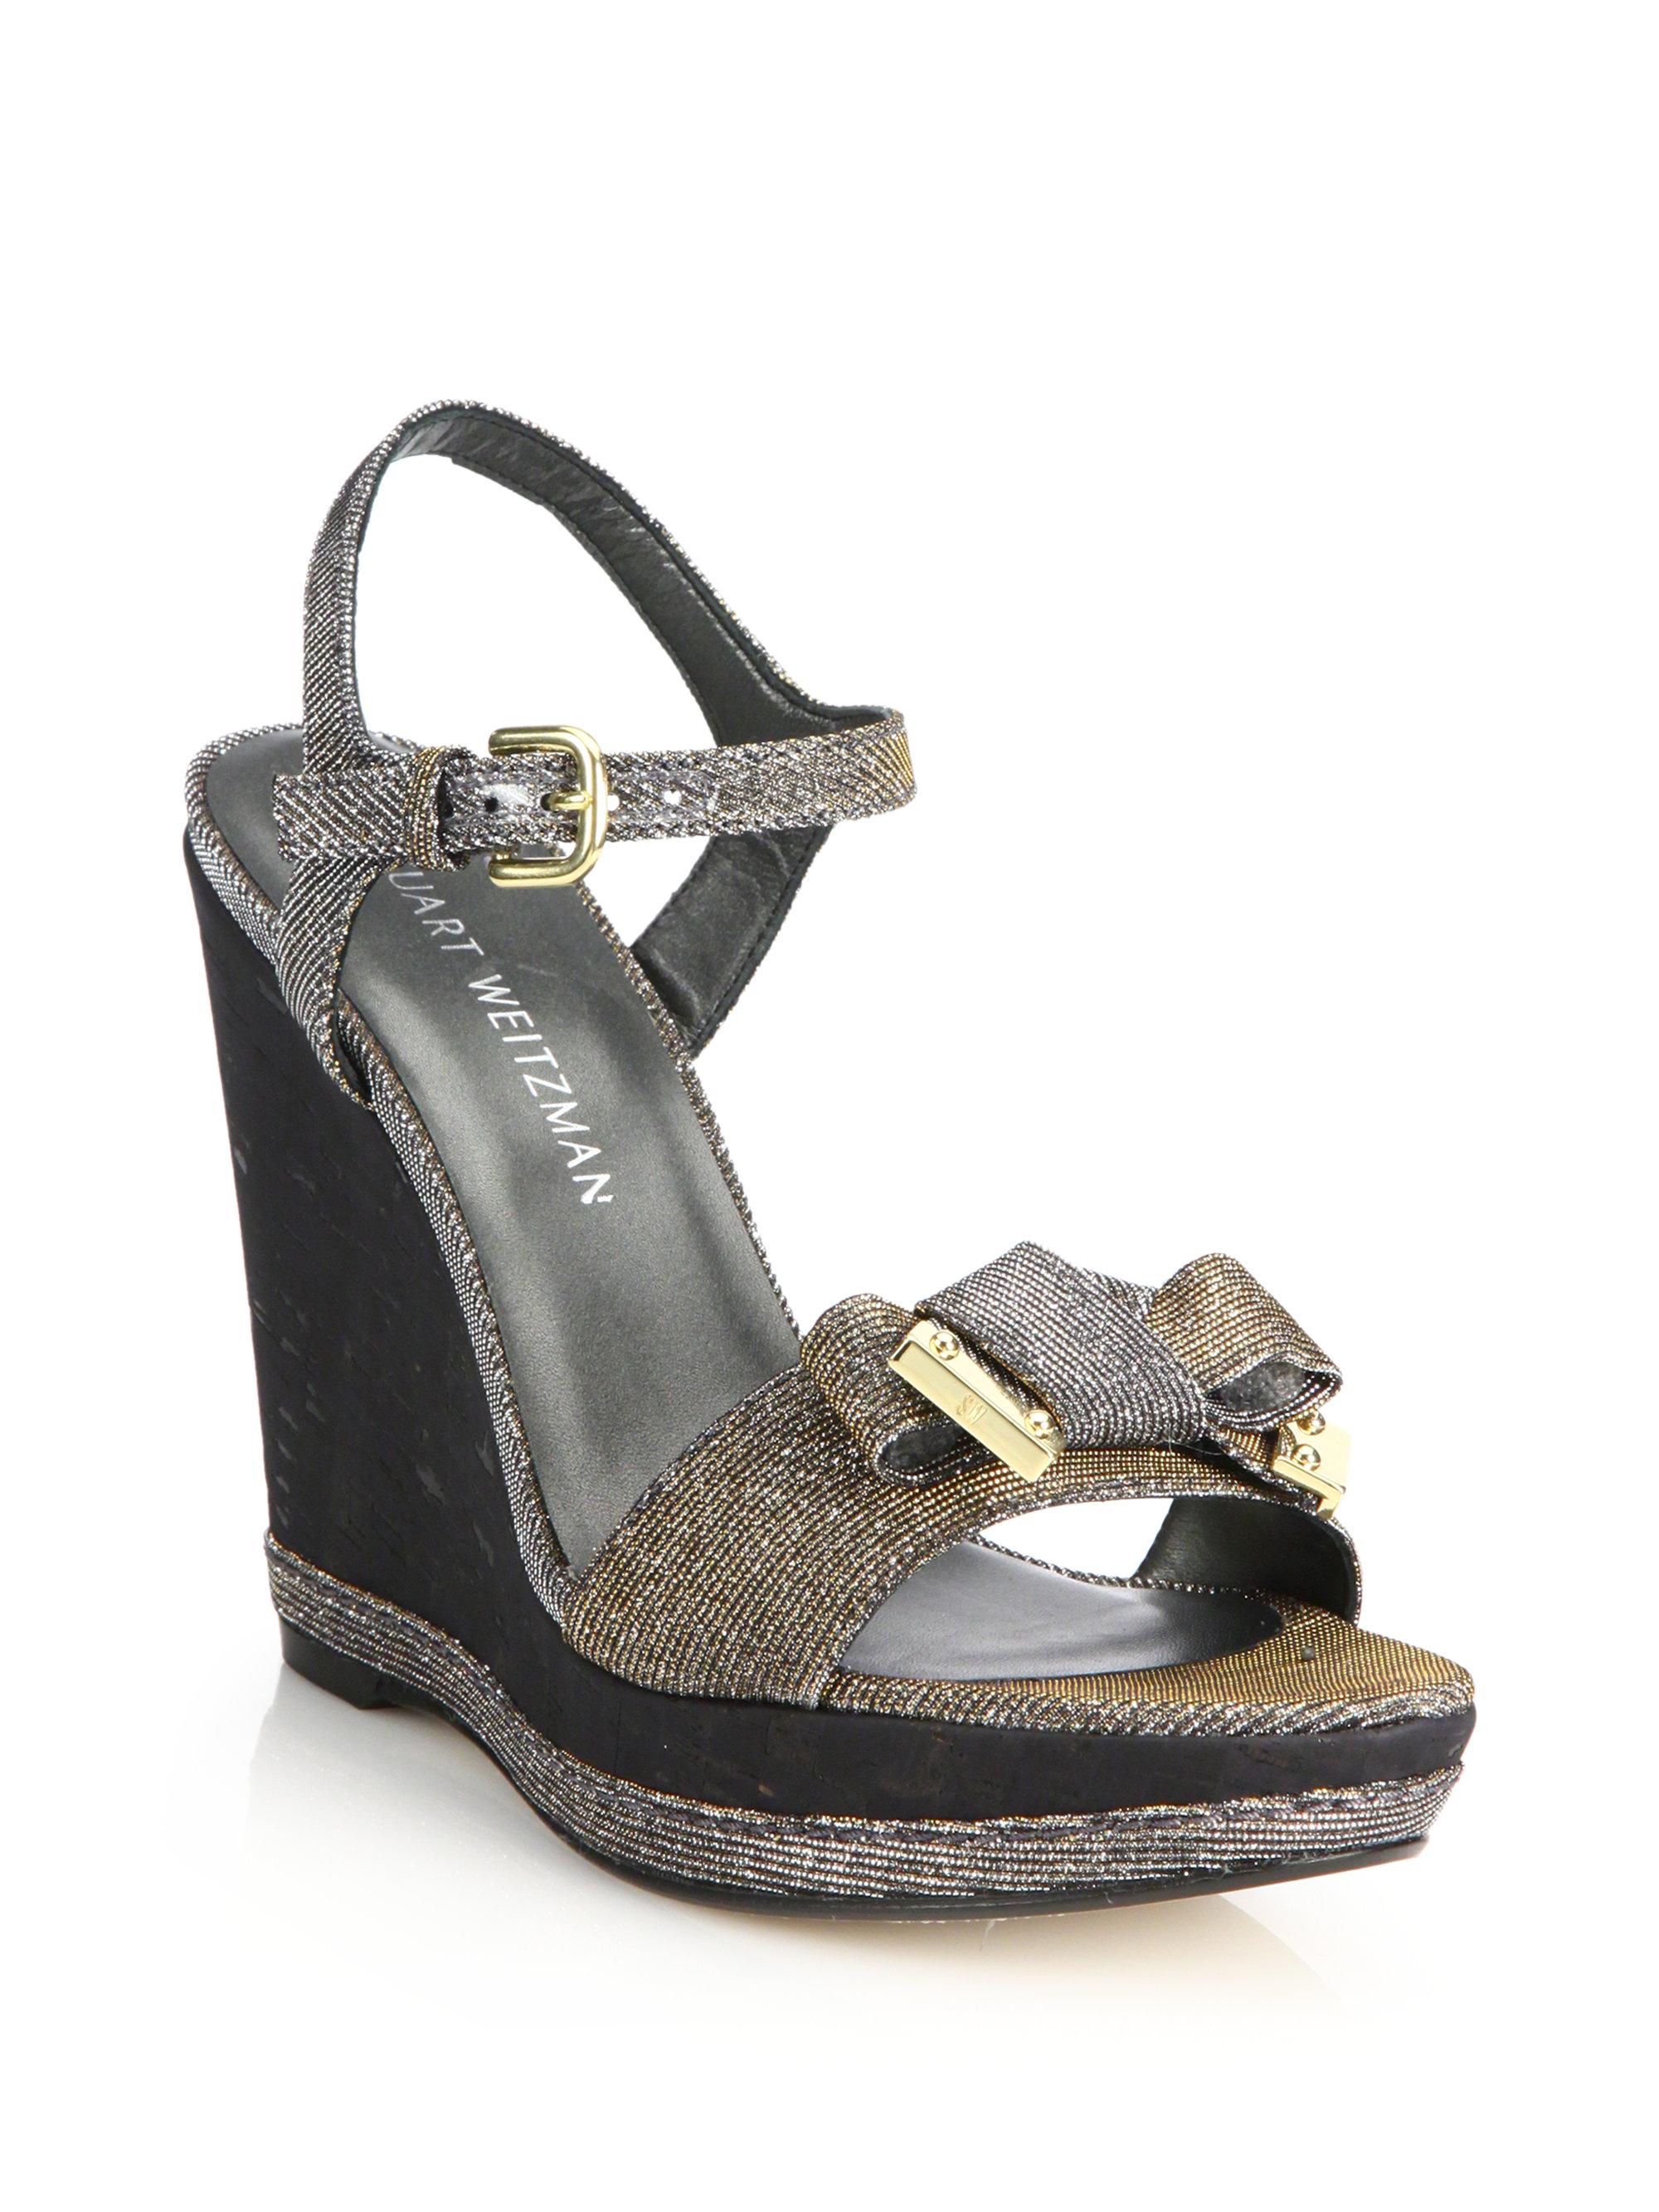 stuart weitzman bonbon noir cork wedge sandals lyst